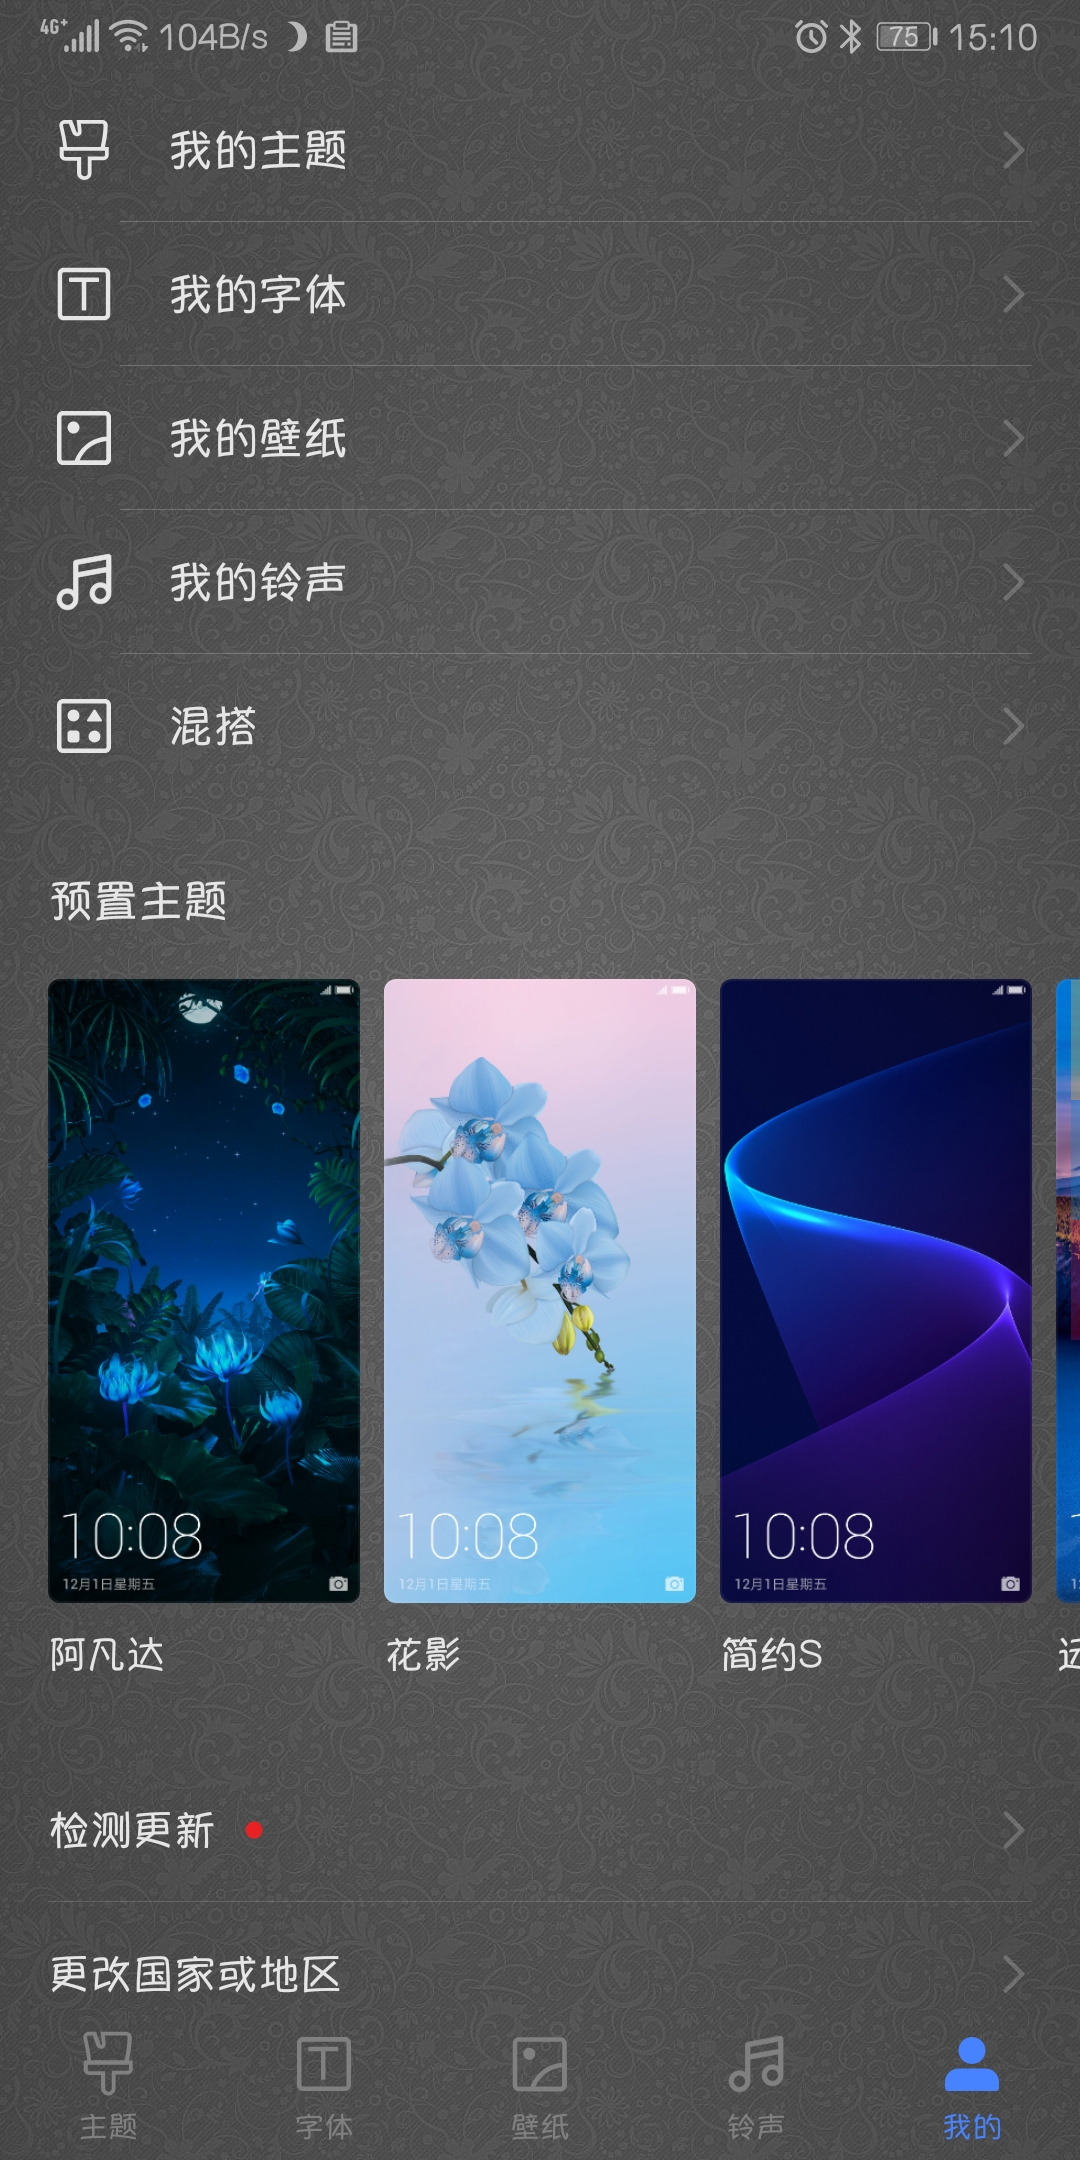 Screenshot_20190108_151053_com.huawei.android.the.jpg